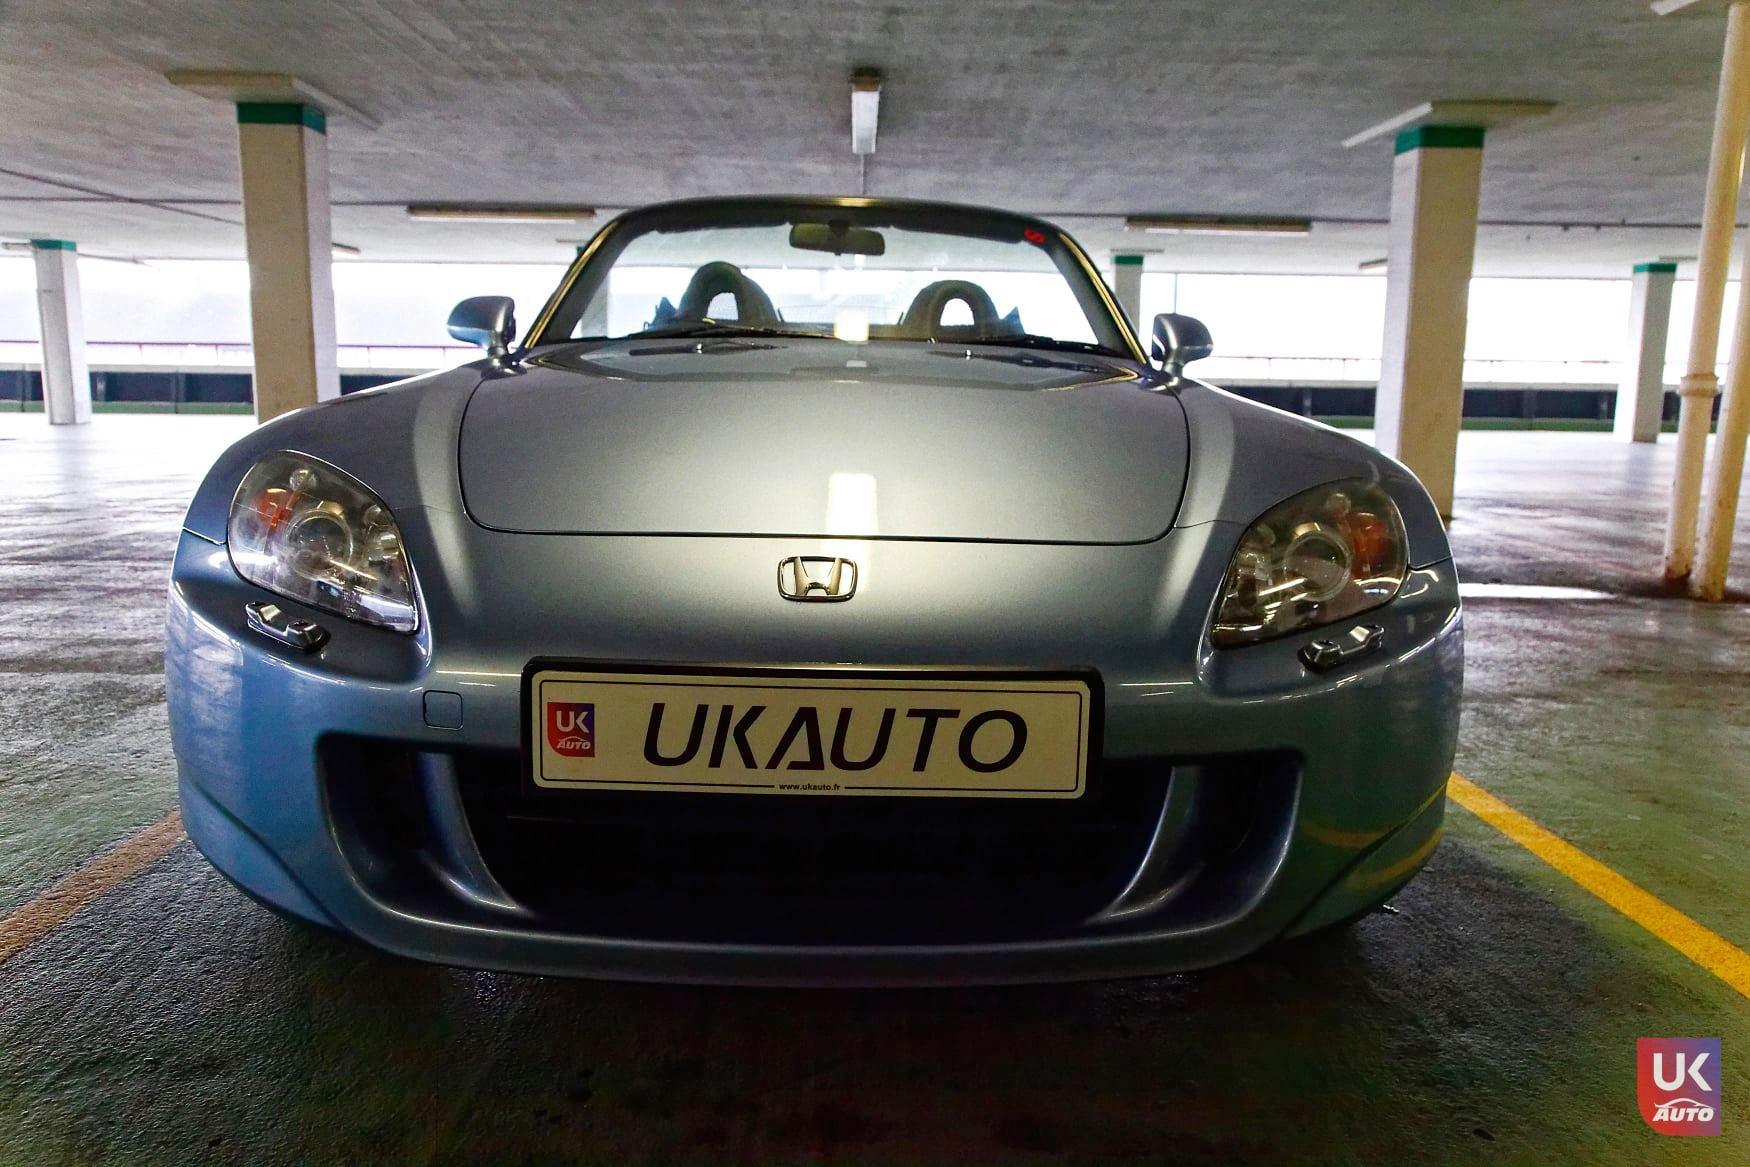 Voiture anglaise et brexit Honda S20003 - Voiture anglaise et brexit Honda S2000